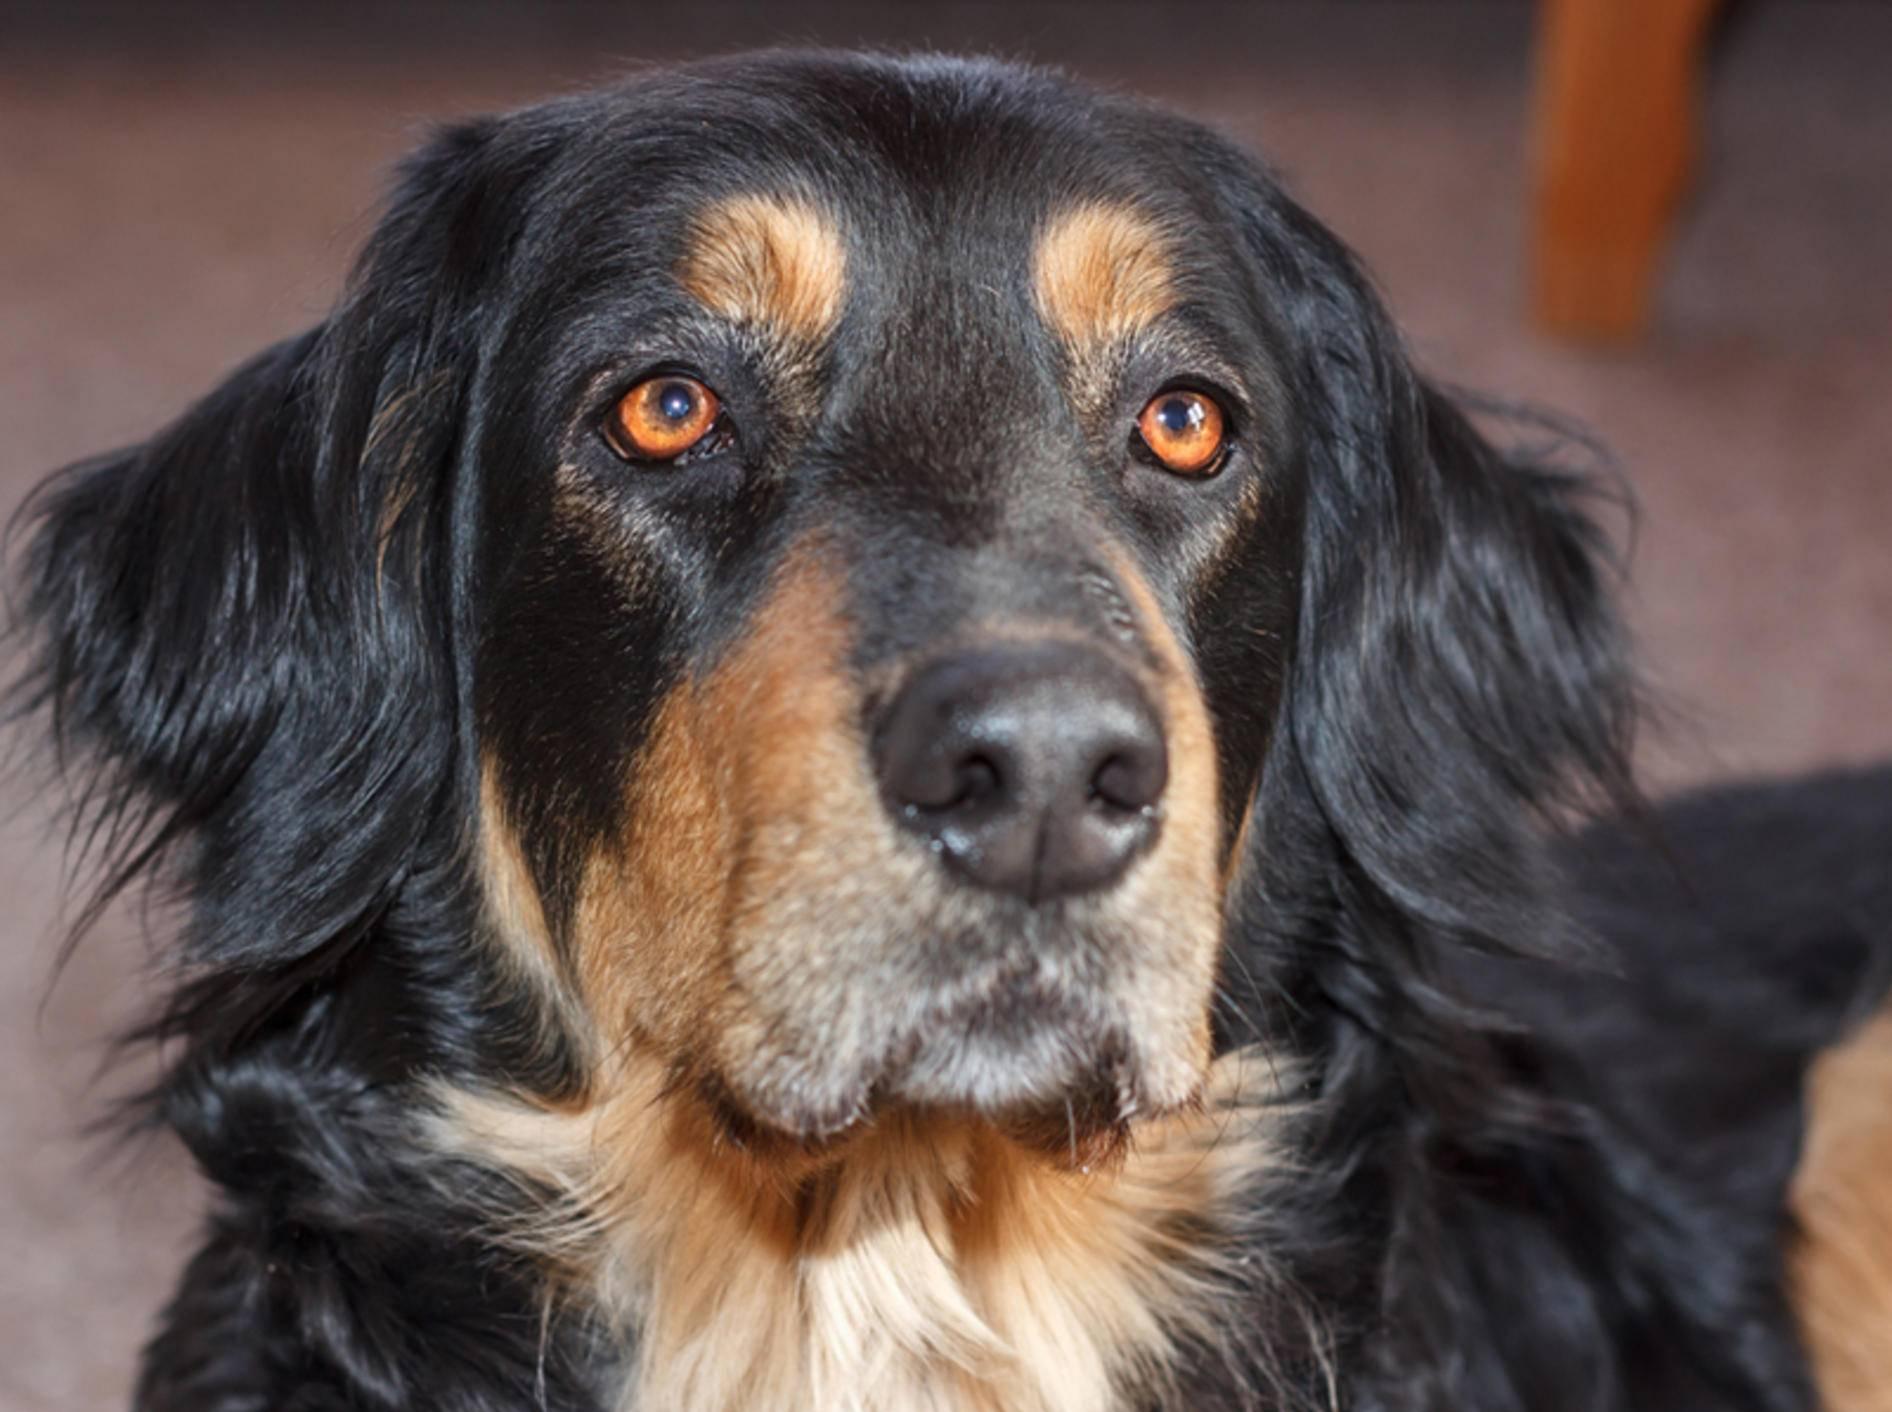 Dieser süße Hovawart hat einen besonders treuen Hundeblick drauf – Shutterstock / Barbora Peskova